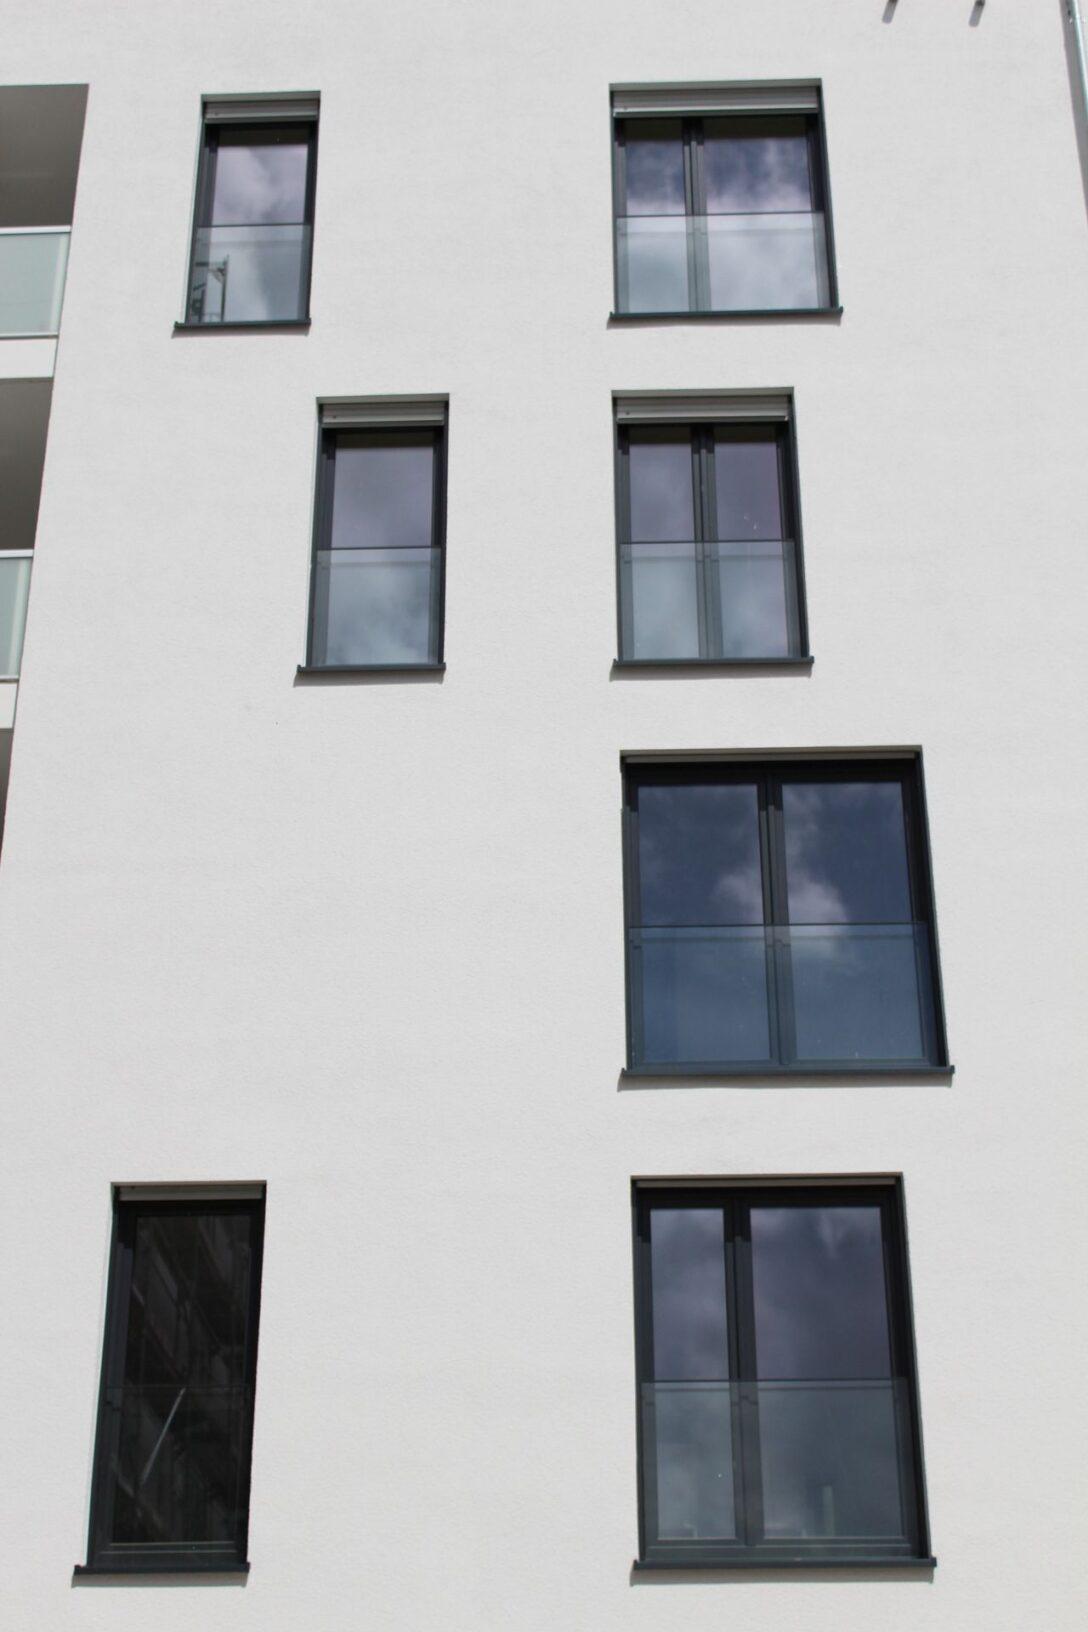 Large Size of Bodentiefe Fenster Abdichten Trier Einbruchschutz Mit Rolladenkasten Schallschutz Salamander Drutex Test Jemako Sichern Gegen Einbruch Dampfreiniger Wohnzimmer Bodentiefe Fenster Abdichten